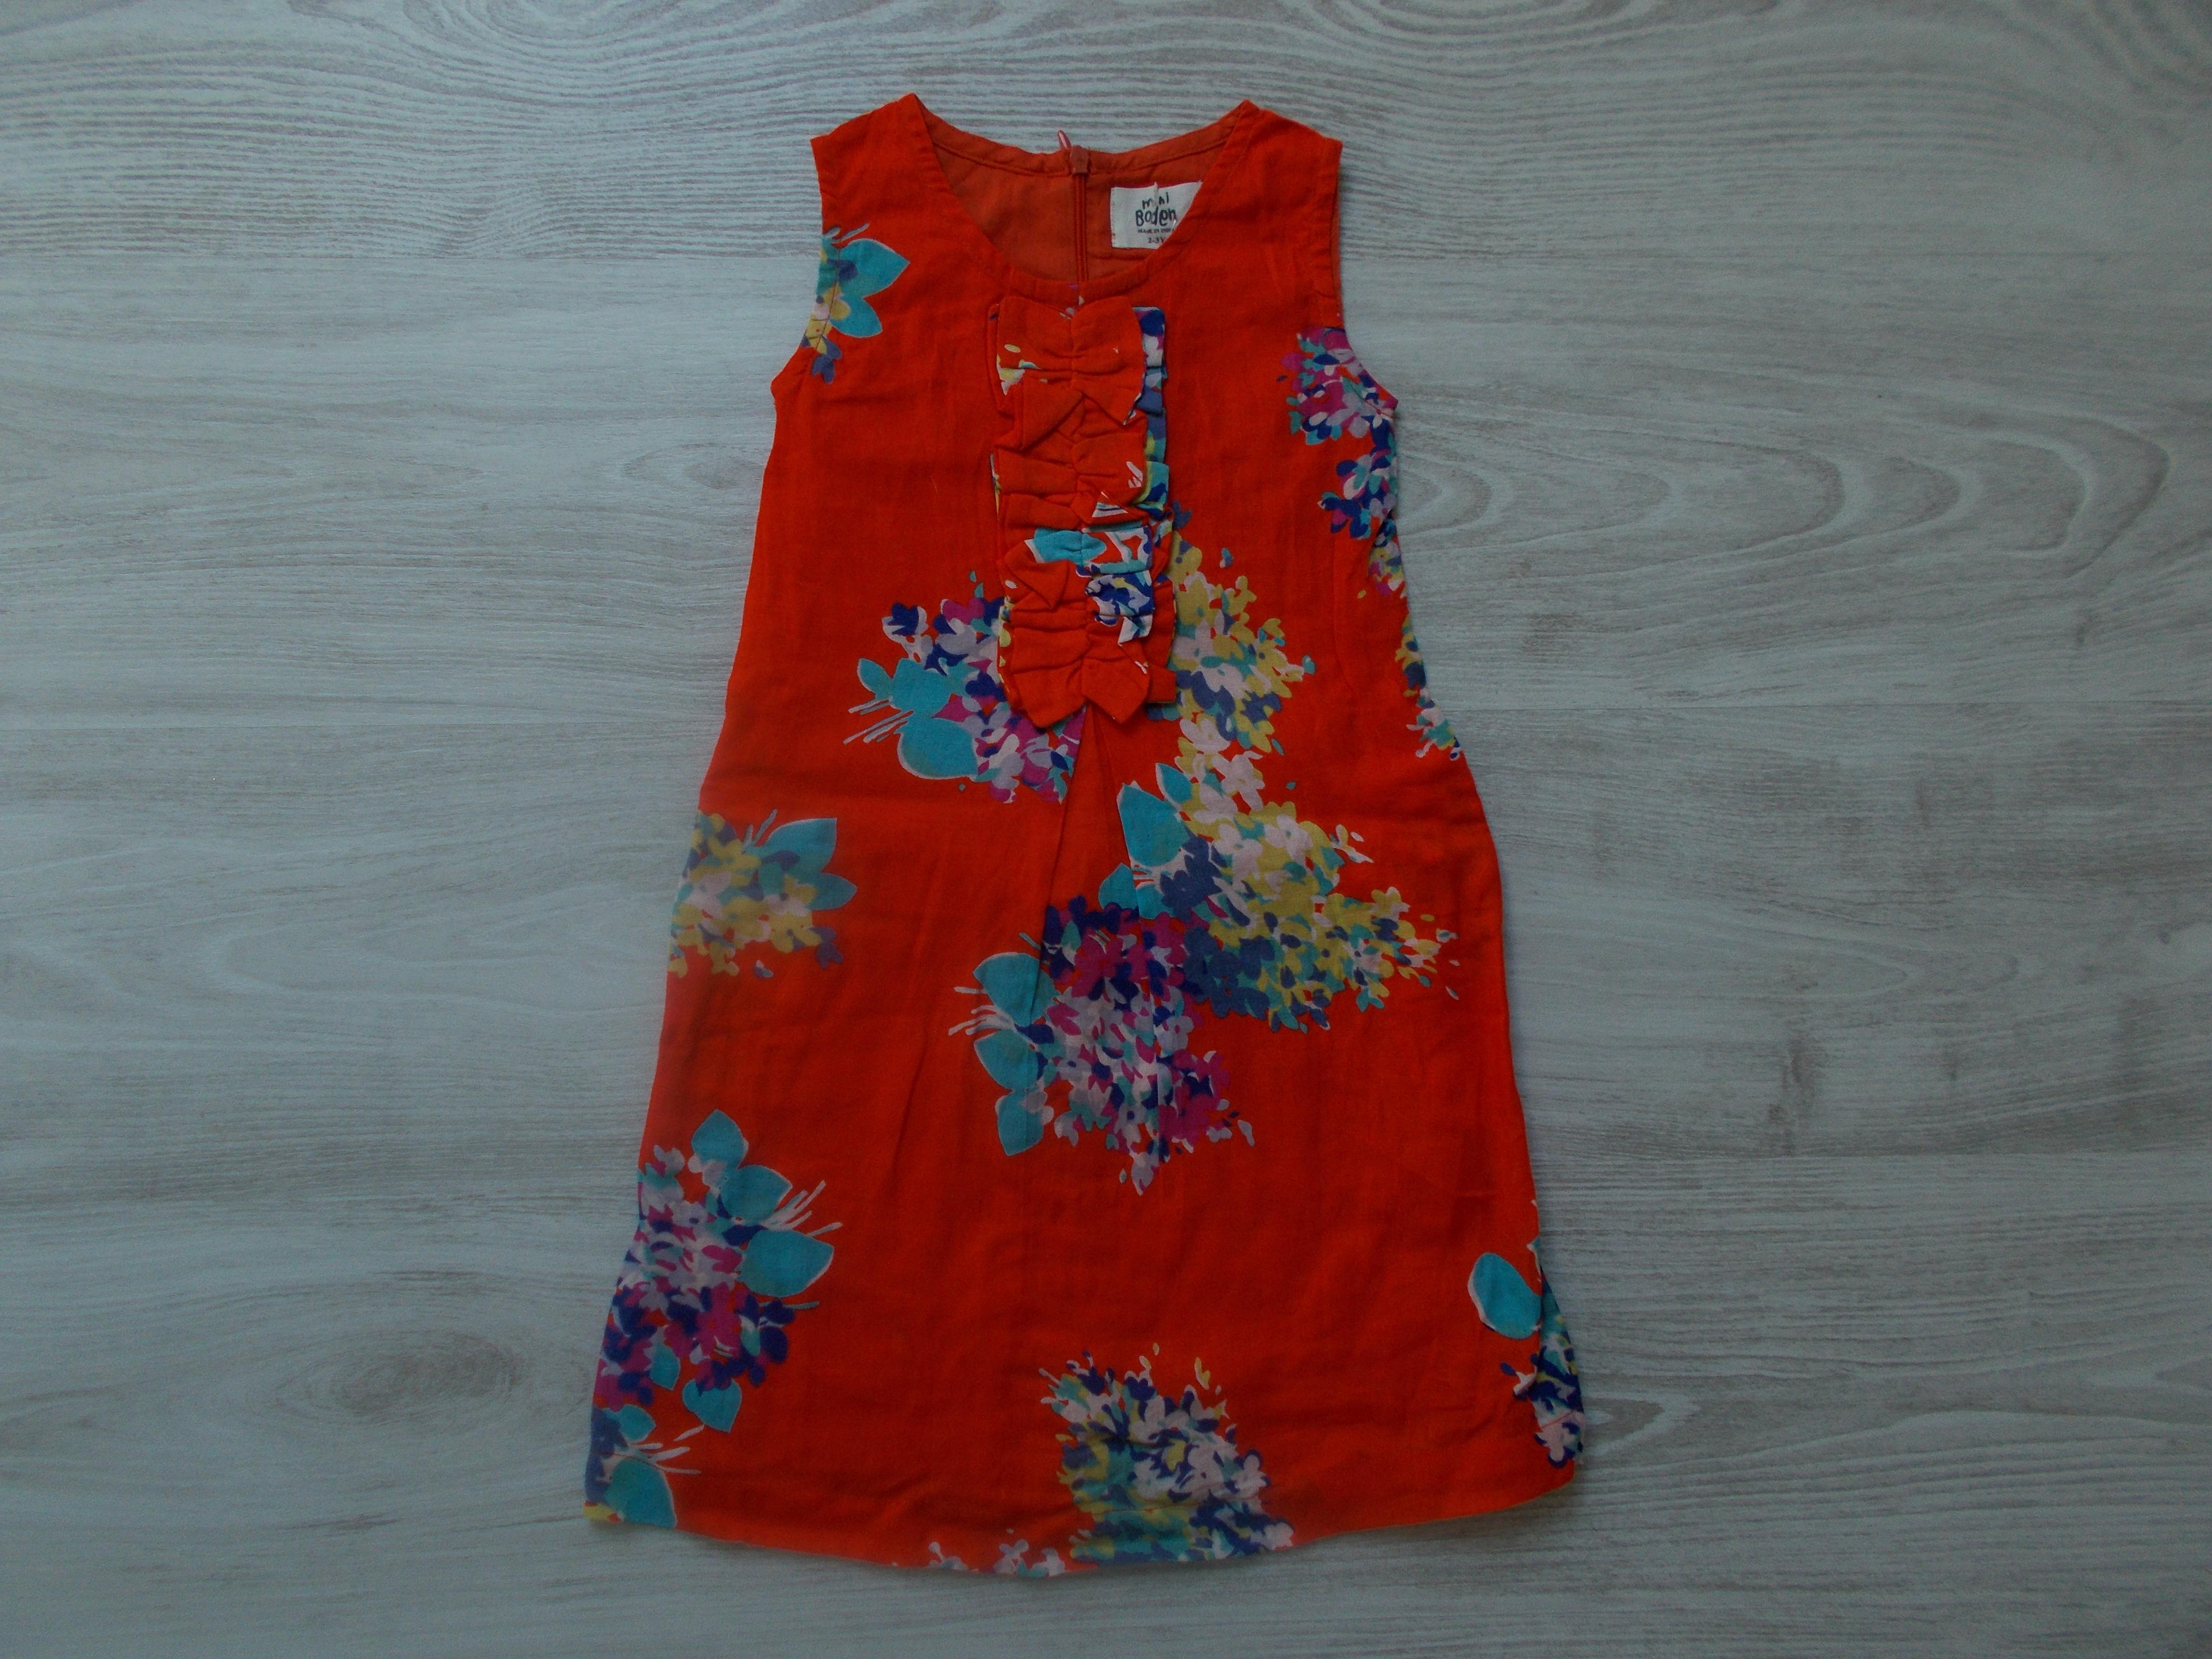 72cdb5a7c8 Piros alkalmi ruha [92 (18-24 hó) / Lány ruhák] :: Lótusz Gyerekruha ...